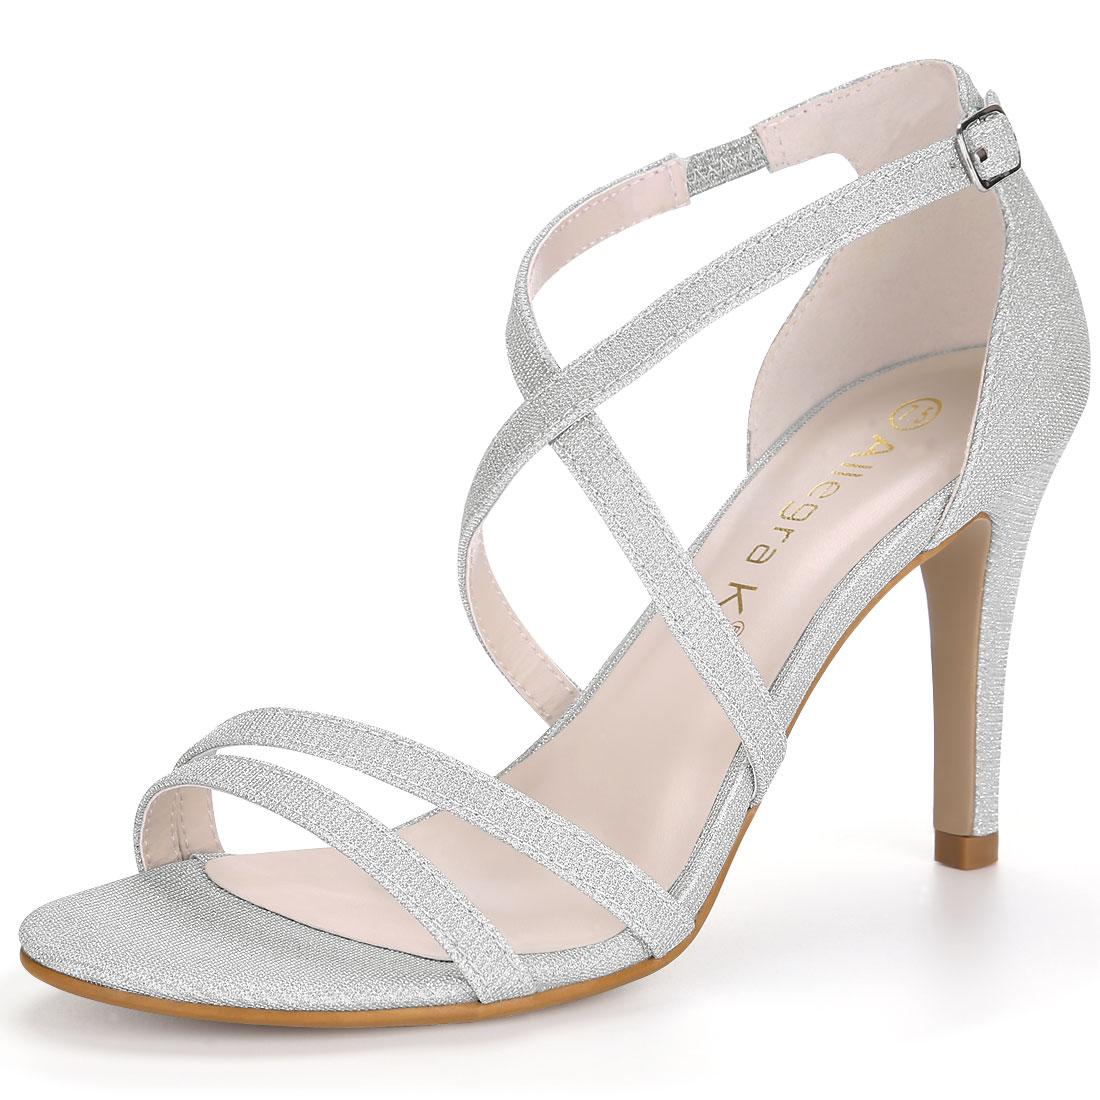 Allegra K Women's Glitter Design Stiletto Heel Strappy Sandals Silver US 10